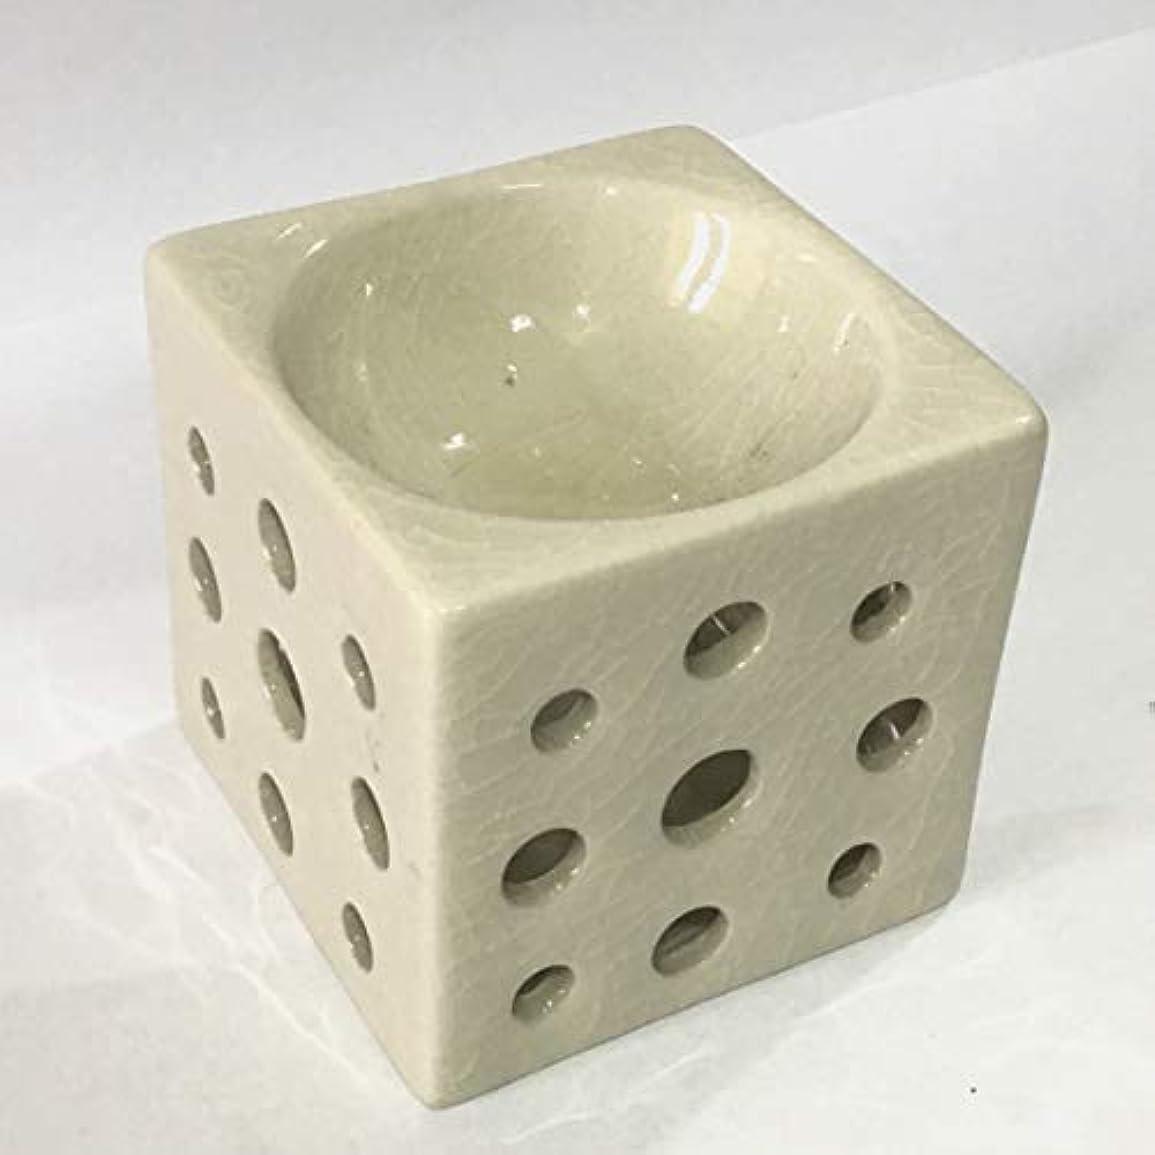 貧困ミリメーター扱いやすいアロマポット 角型(白) 香炉 陶器 アロマ炉 キャンドル式 オイルバーナー